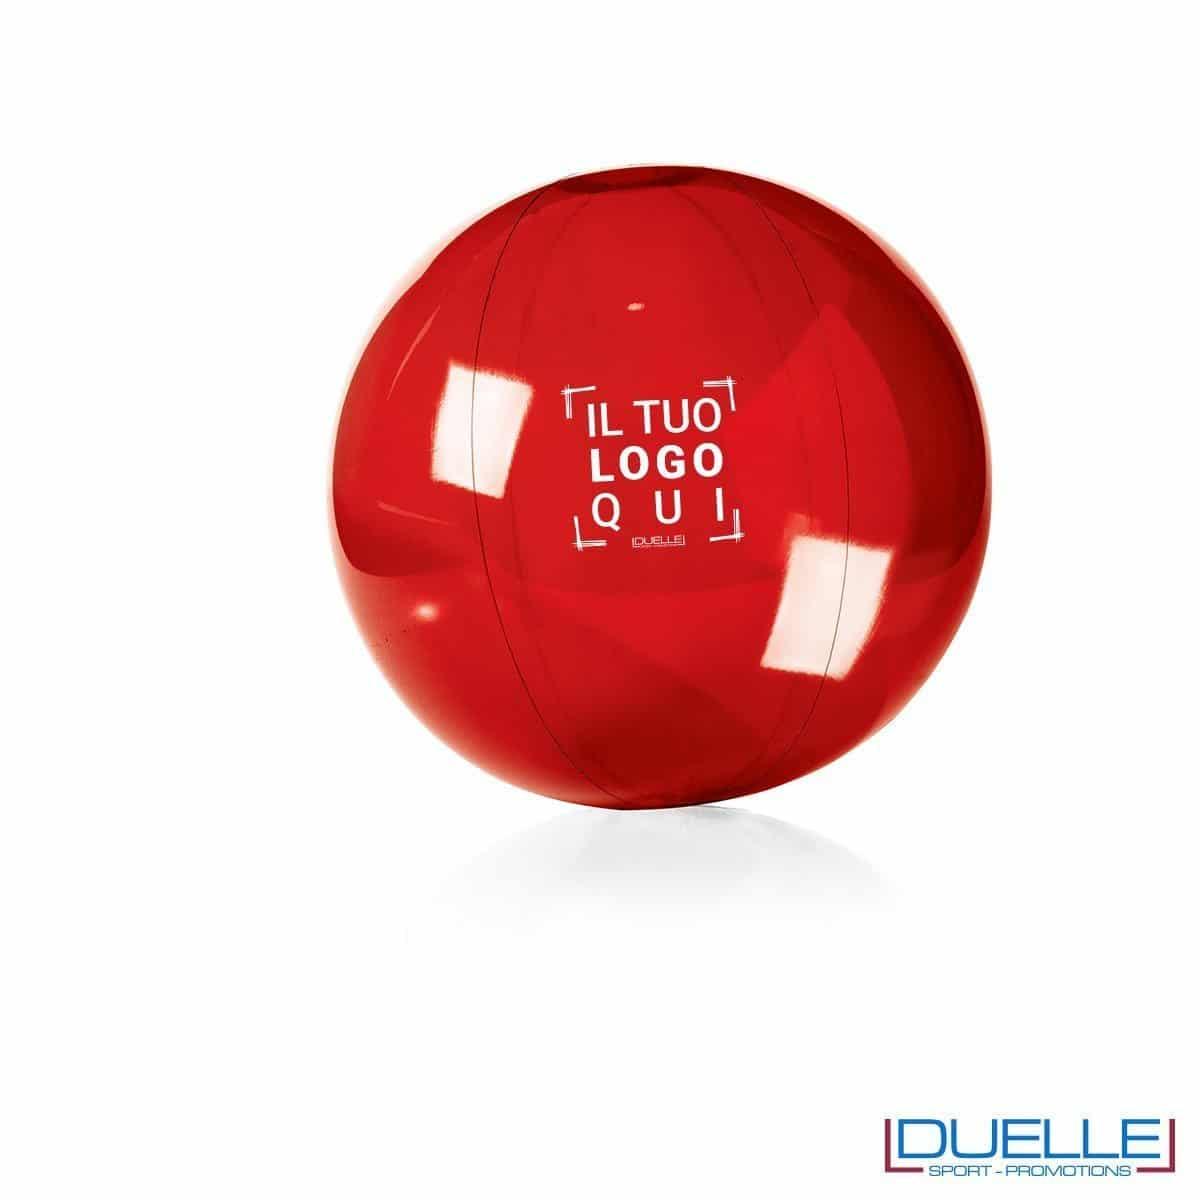 palla personalizzata mare rossa, gadget da spiaggia, gadget promozionale estate